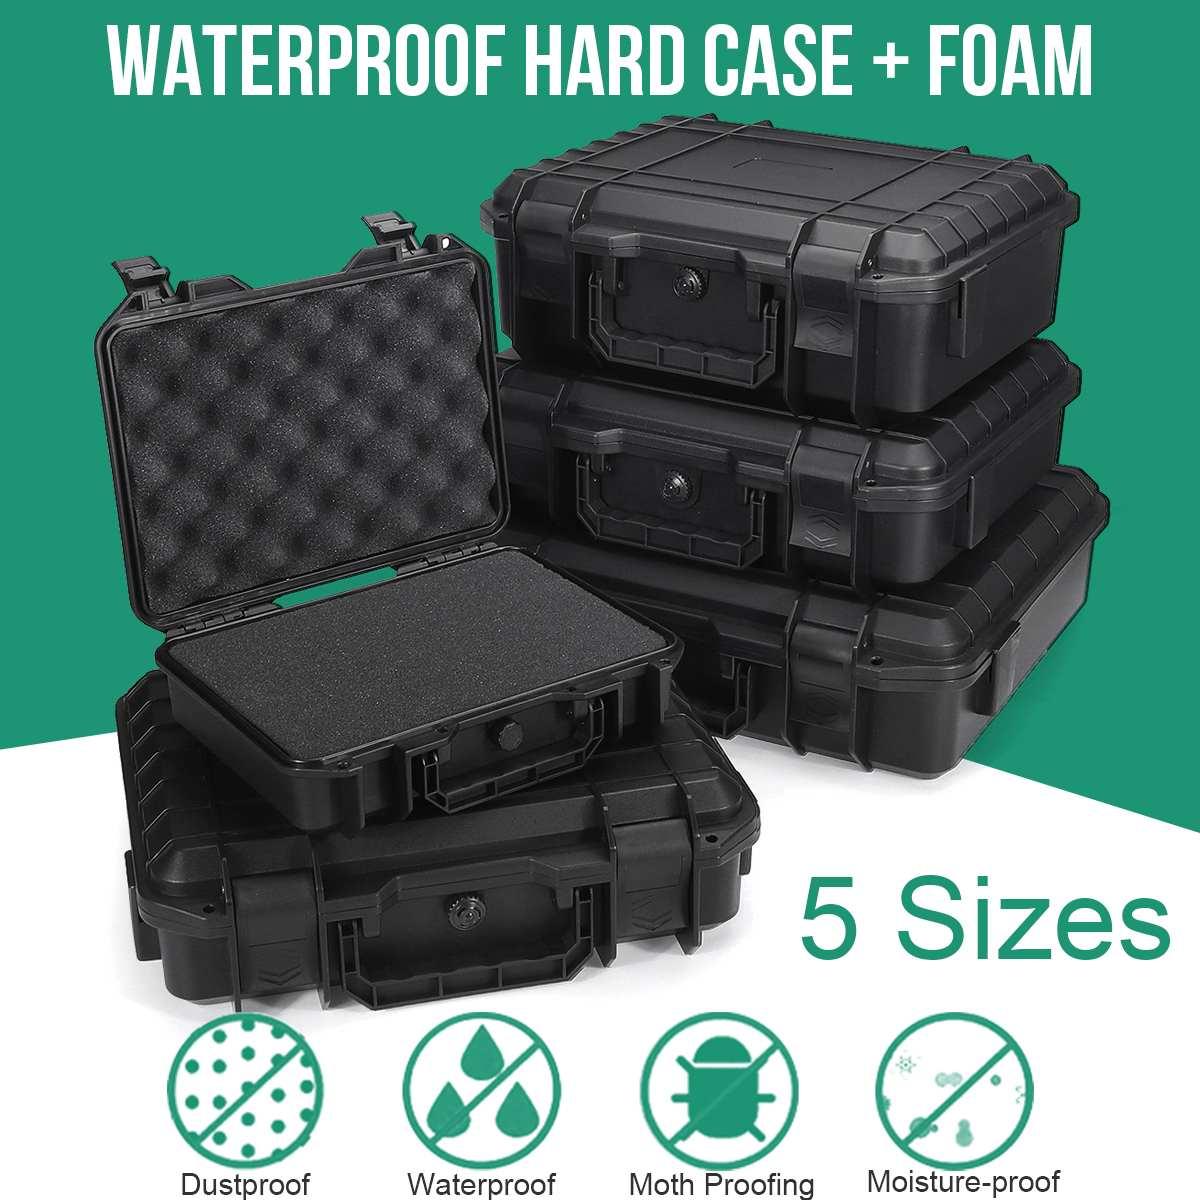 Caja de Herramientas de protección de seguridad Caja de Herramientas impermeable caja de herramientas de almacenamiento a prueba de golpes Caja de Herramientas sellada resistente a impactos maleta esponja